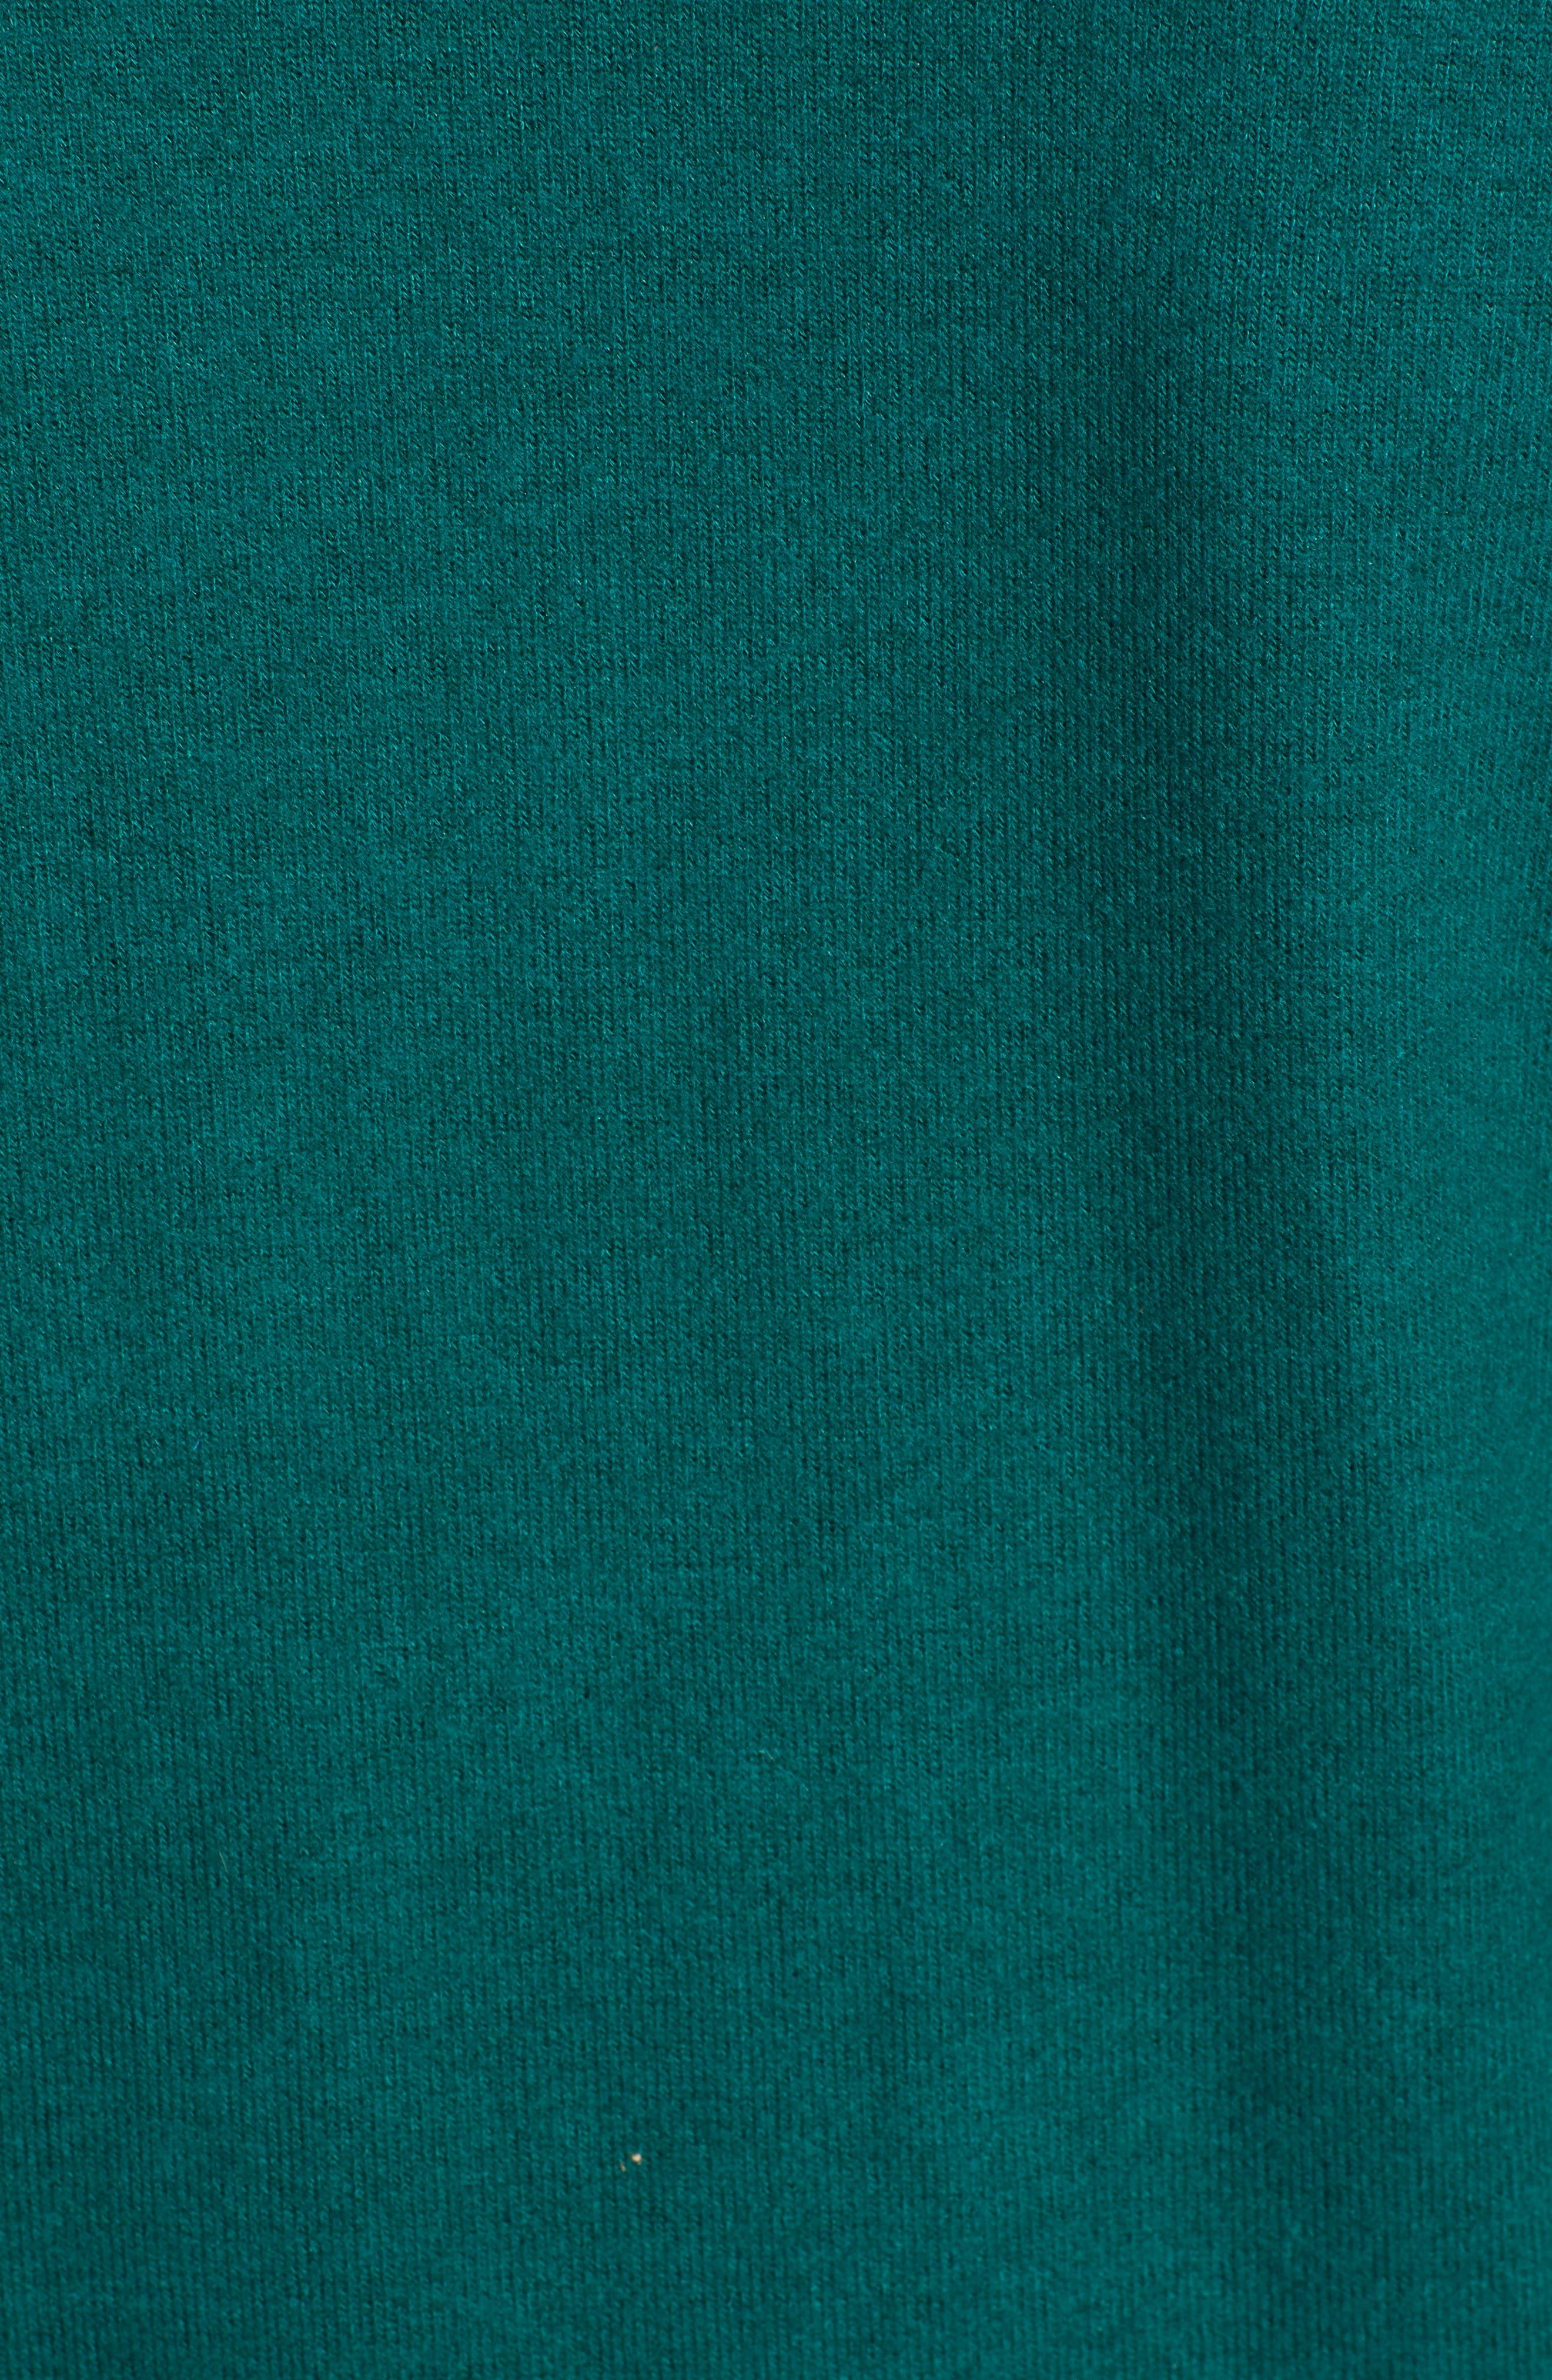 Tie Front Cozy Knit Shirt,                             Alternate thumbnail 5, color,                             301